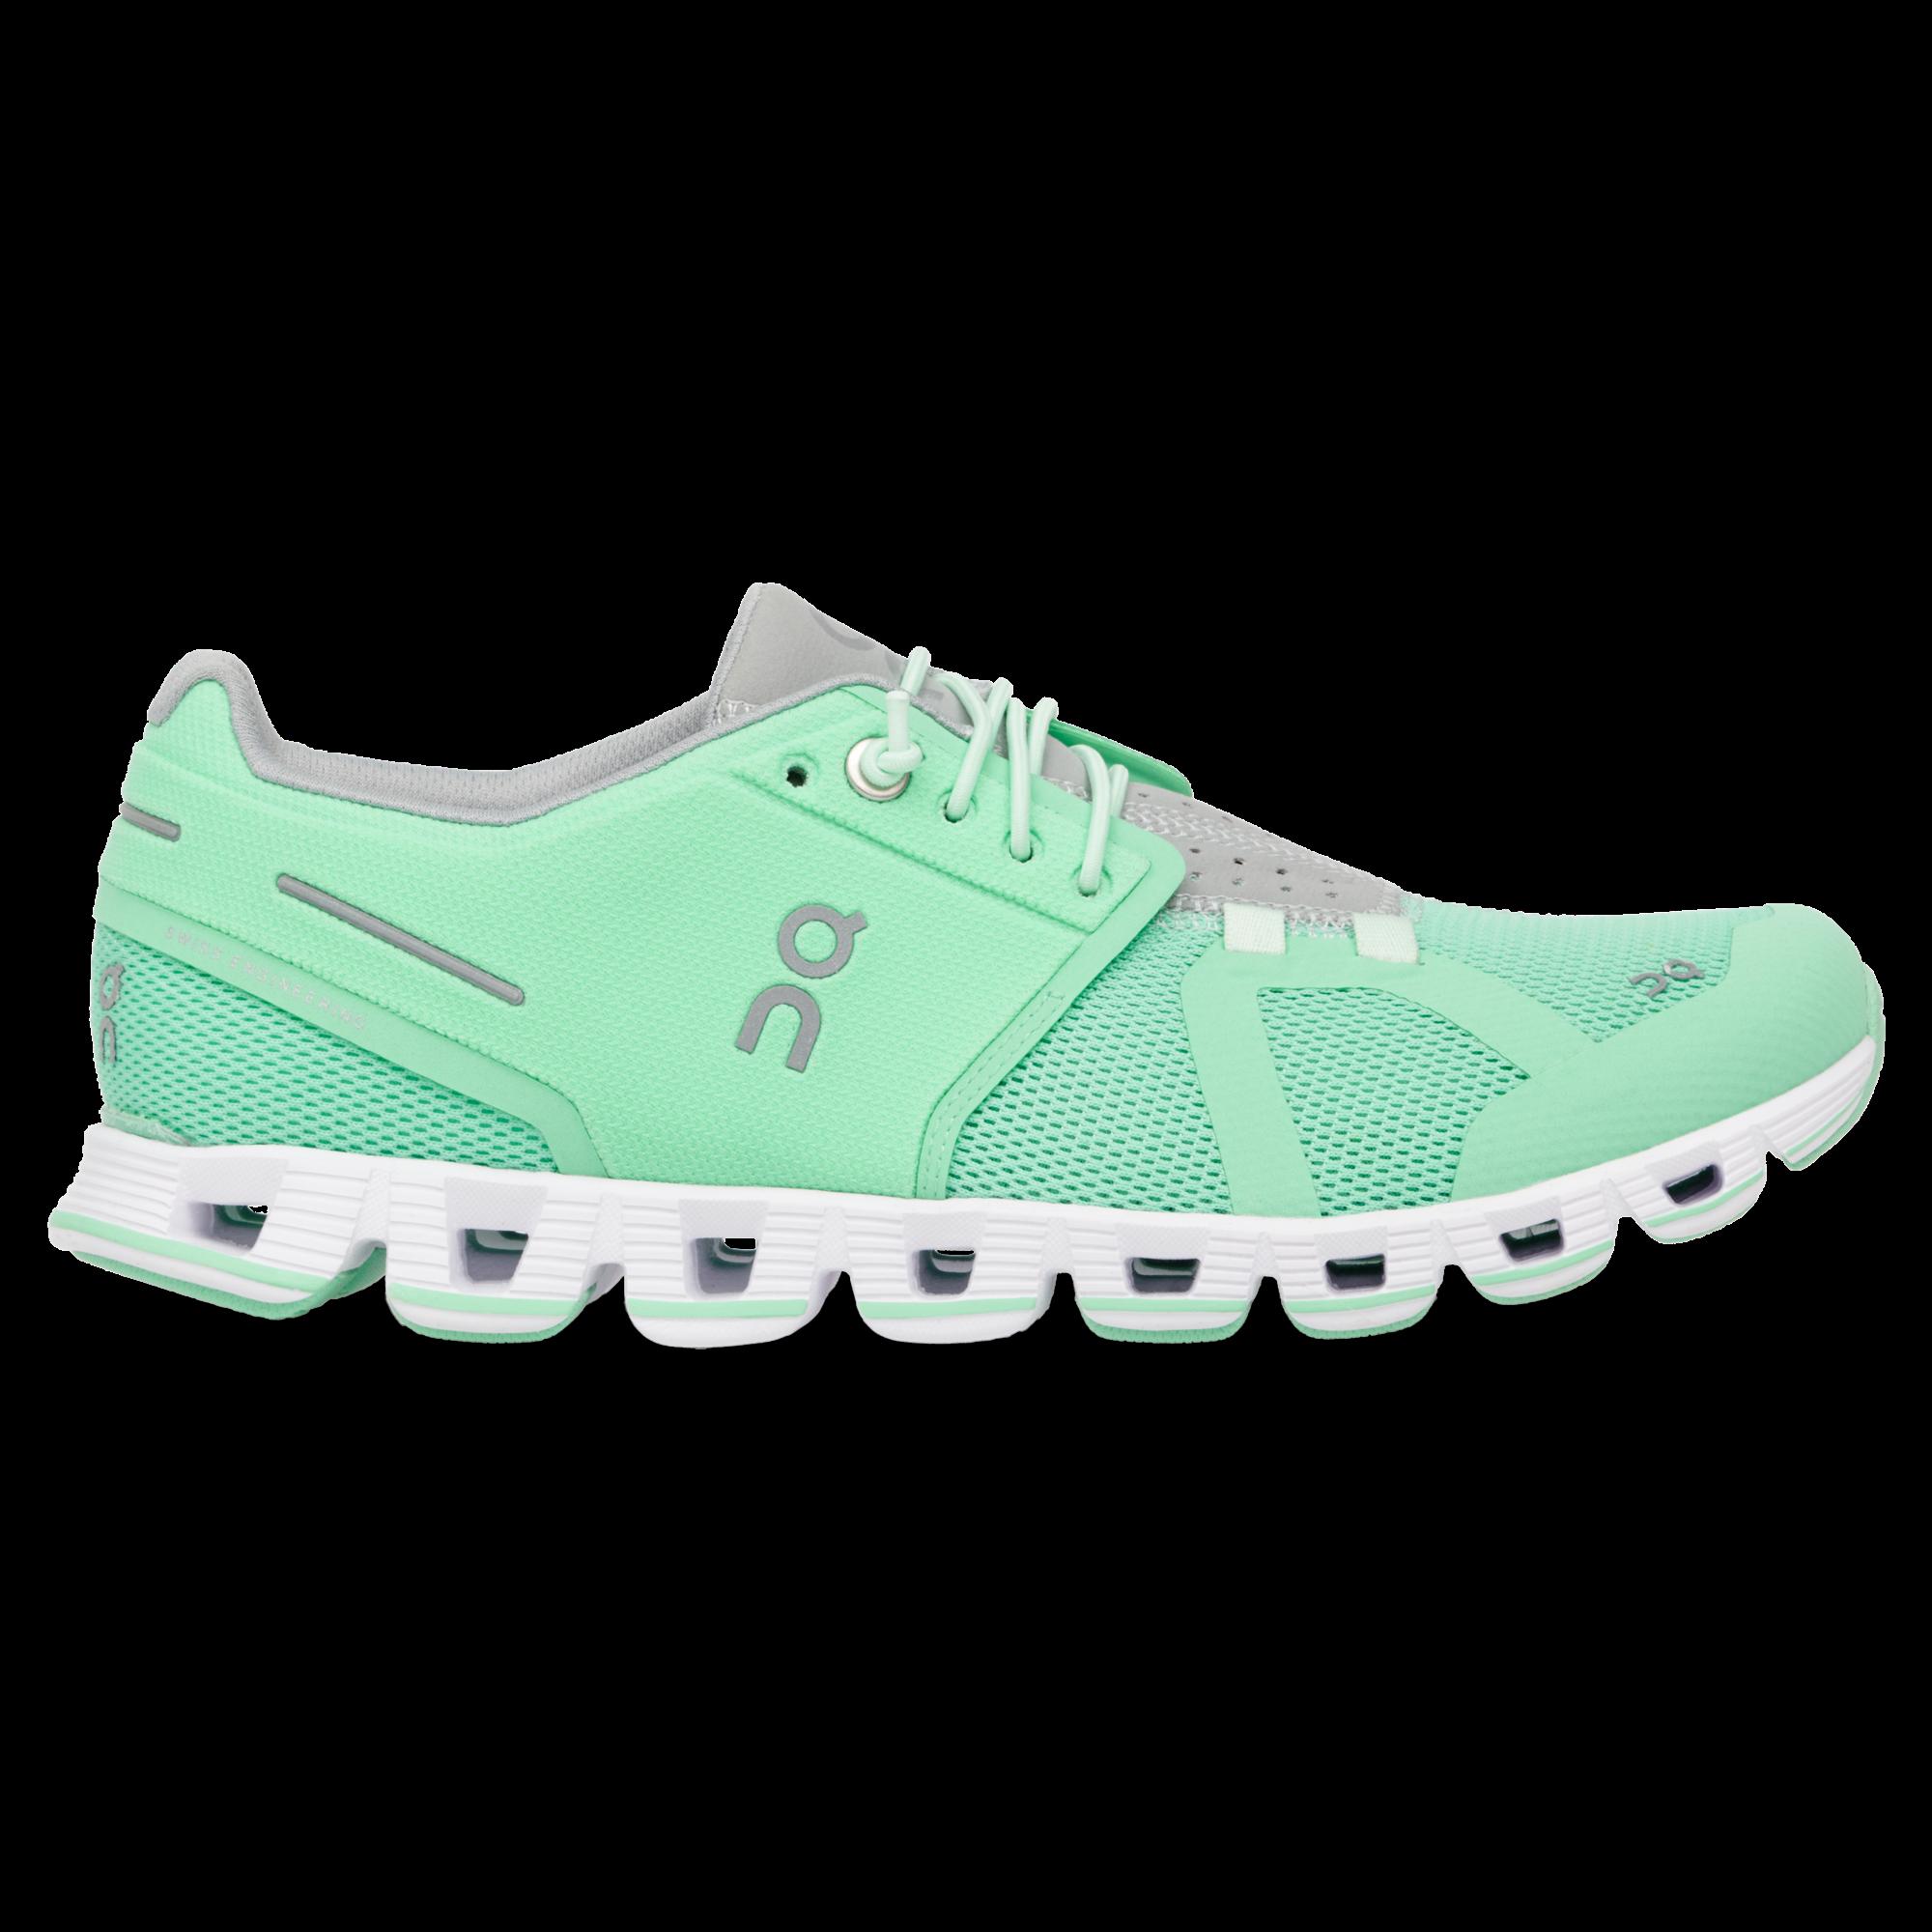 Cloud - Lightweight Running Shoe   On